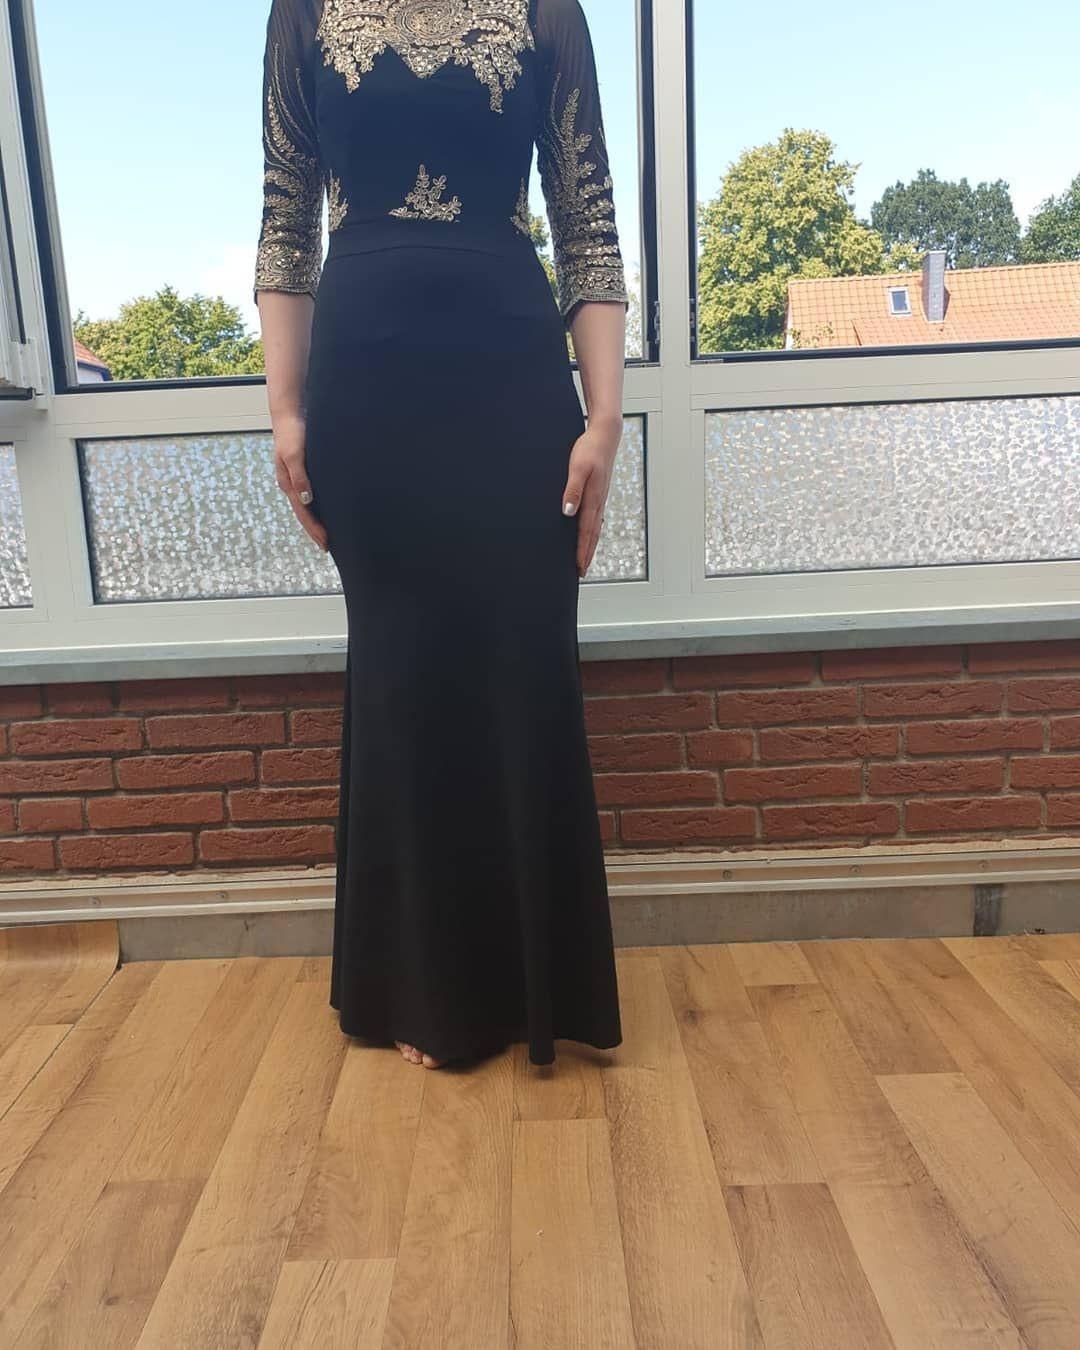 Formal Schön Kleiderkreisel Abendkleid Galerie - Abendkleid